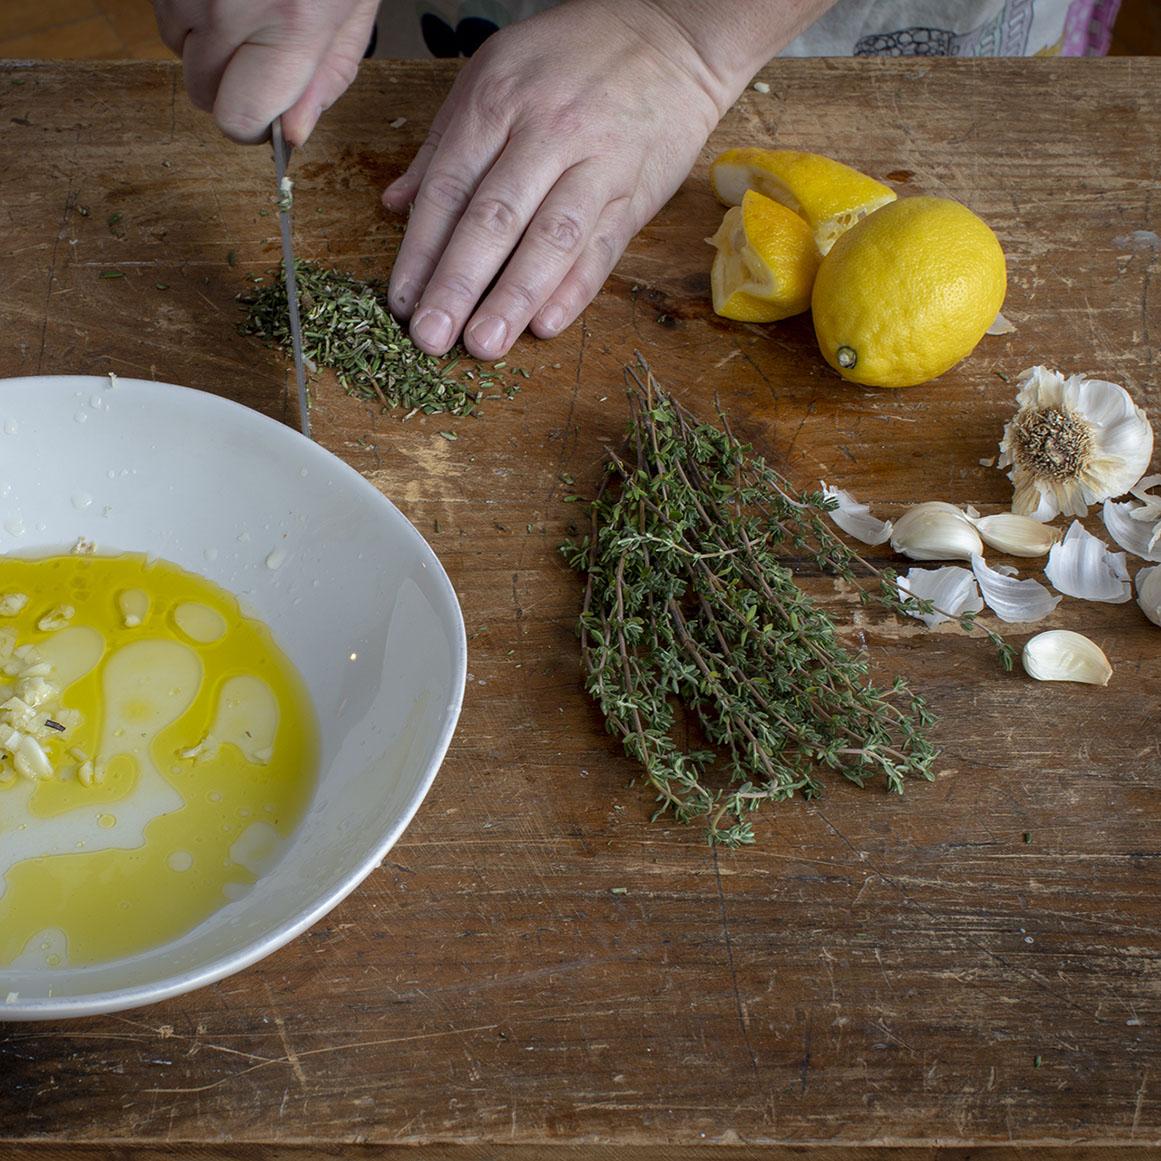 Erin-Hammerstadt-Cooking.jpg